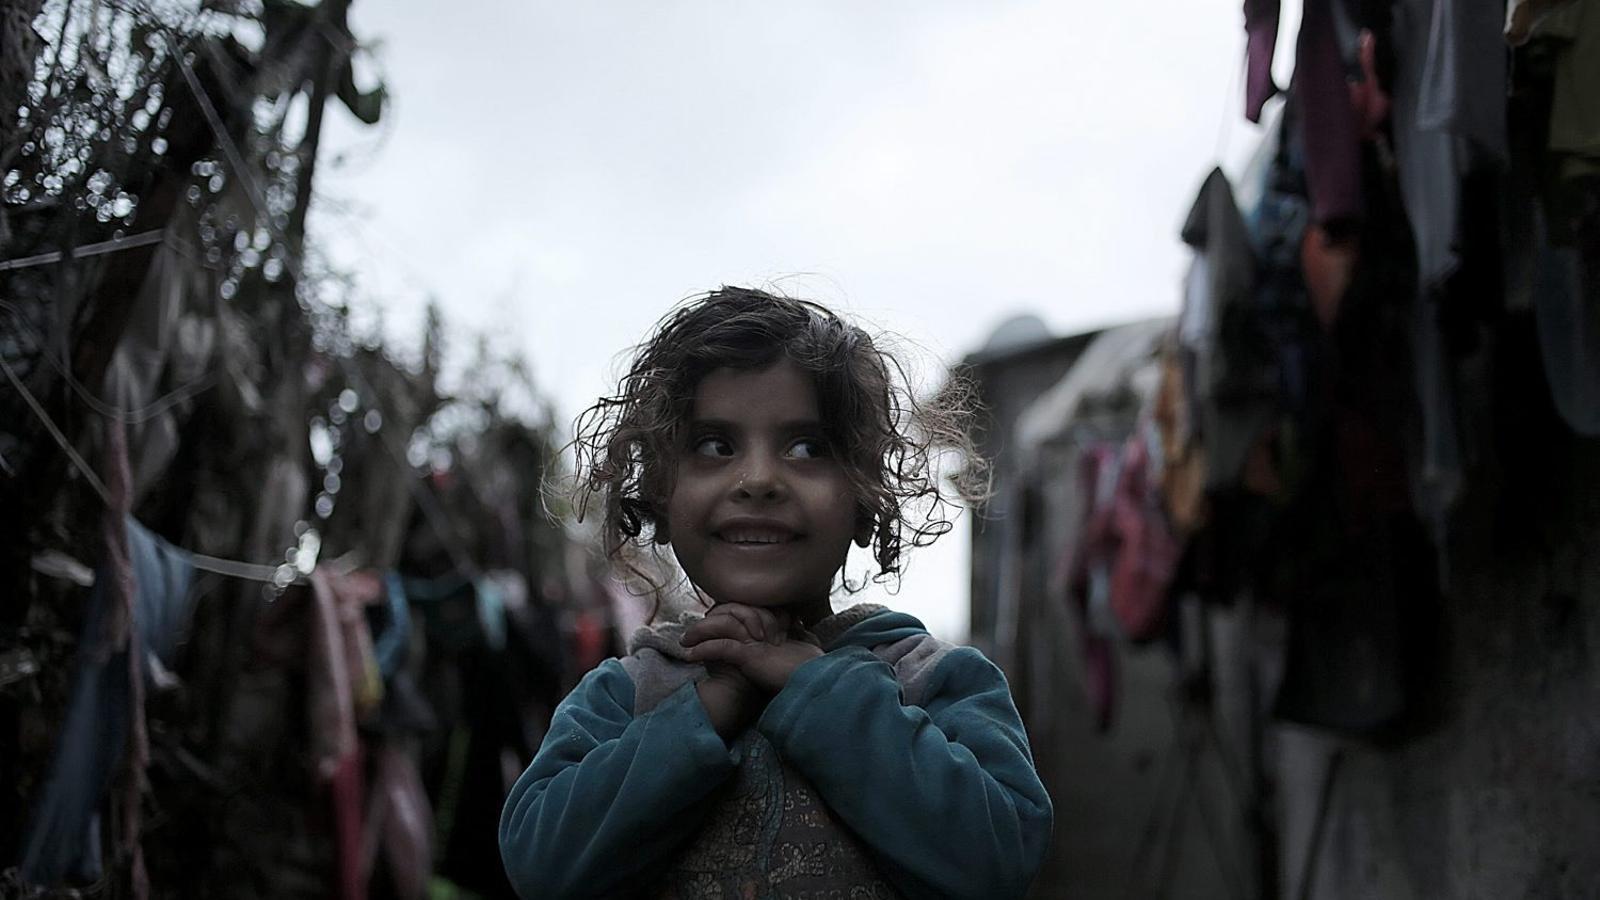 Una oportunitat per als nens refugiats?